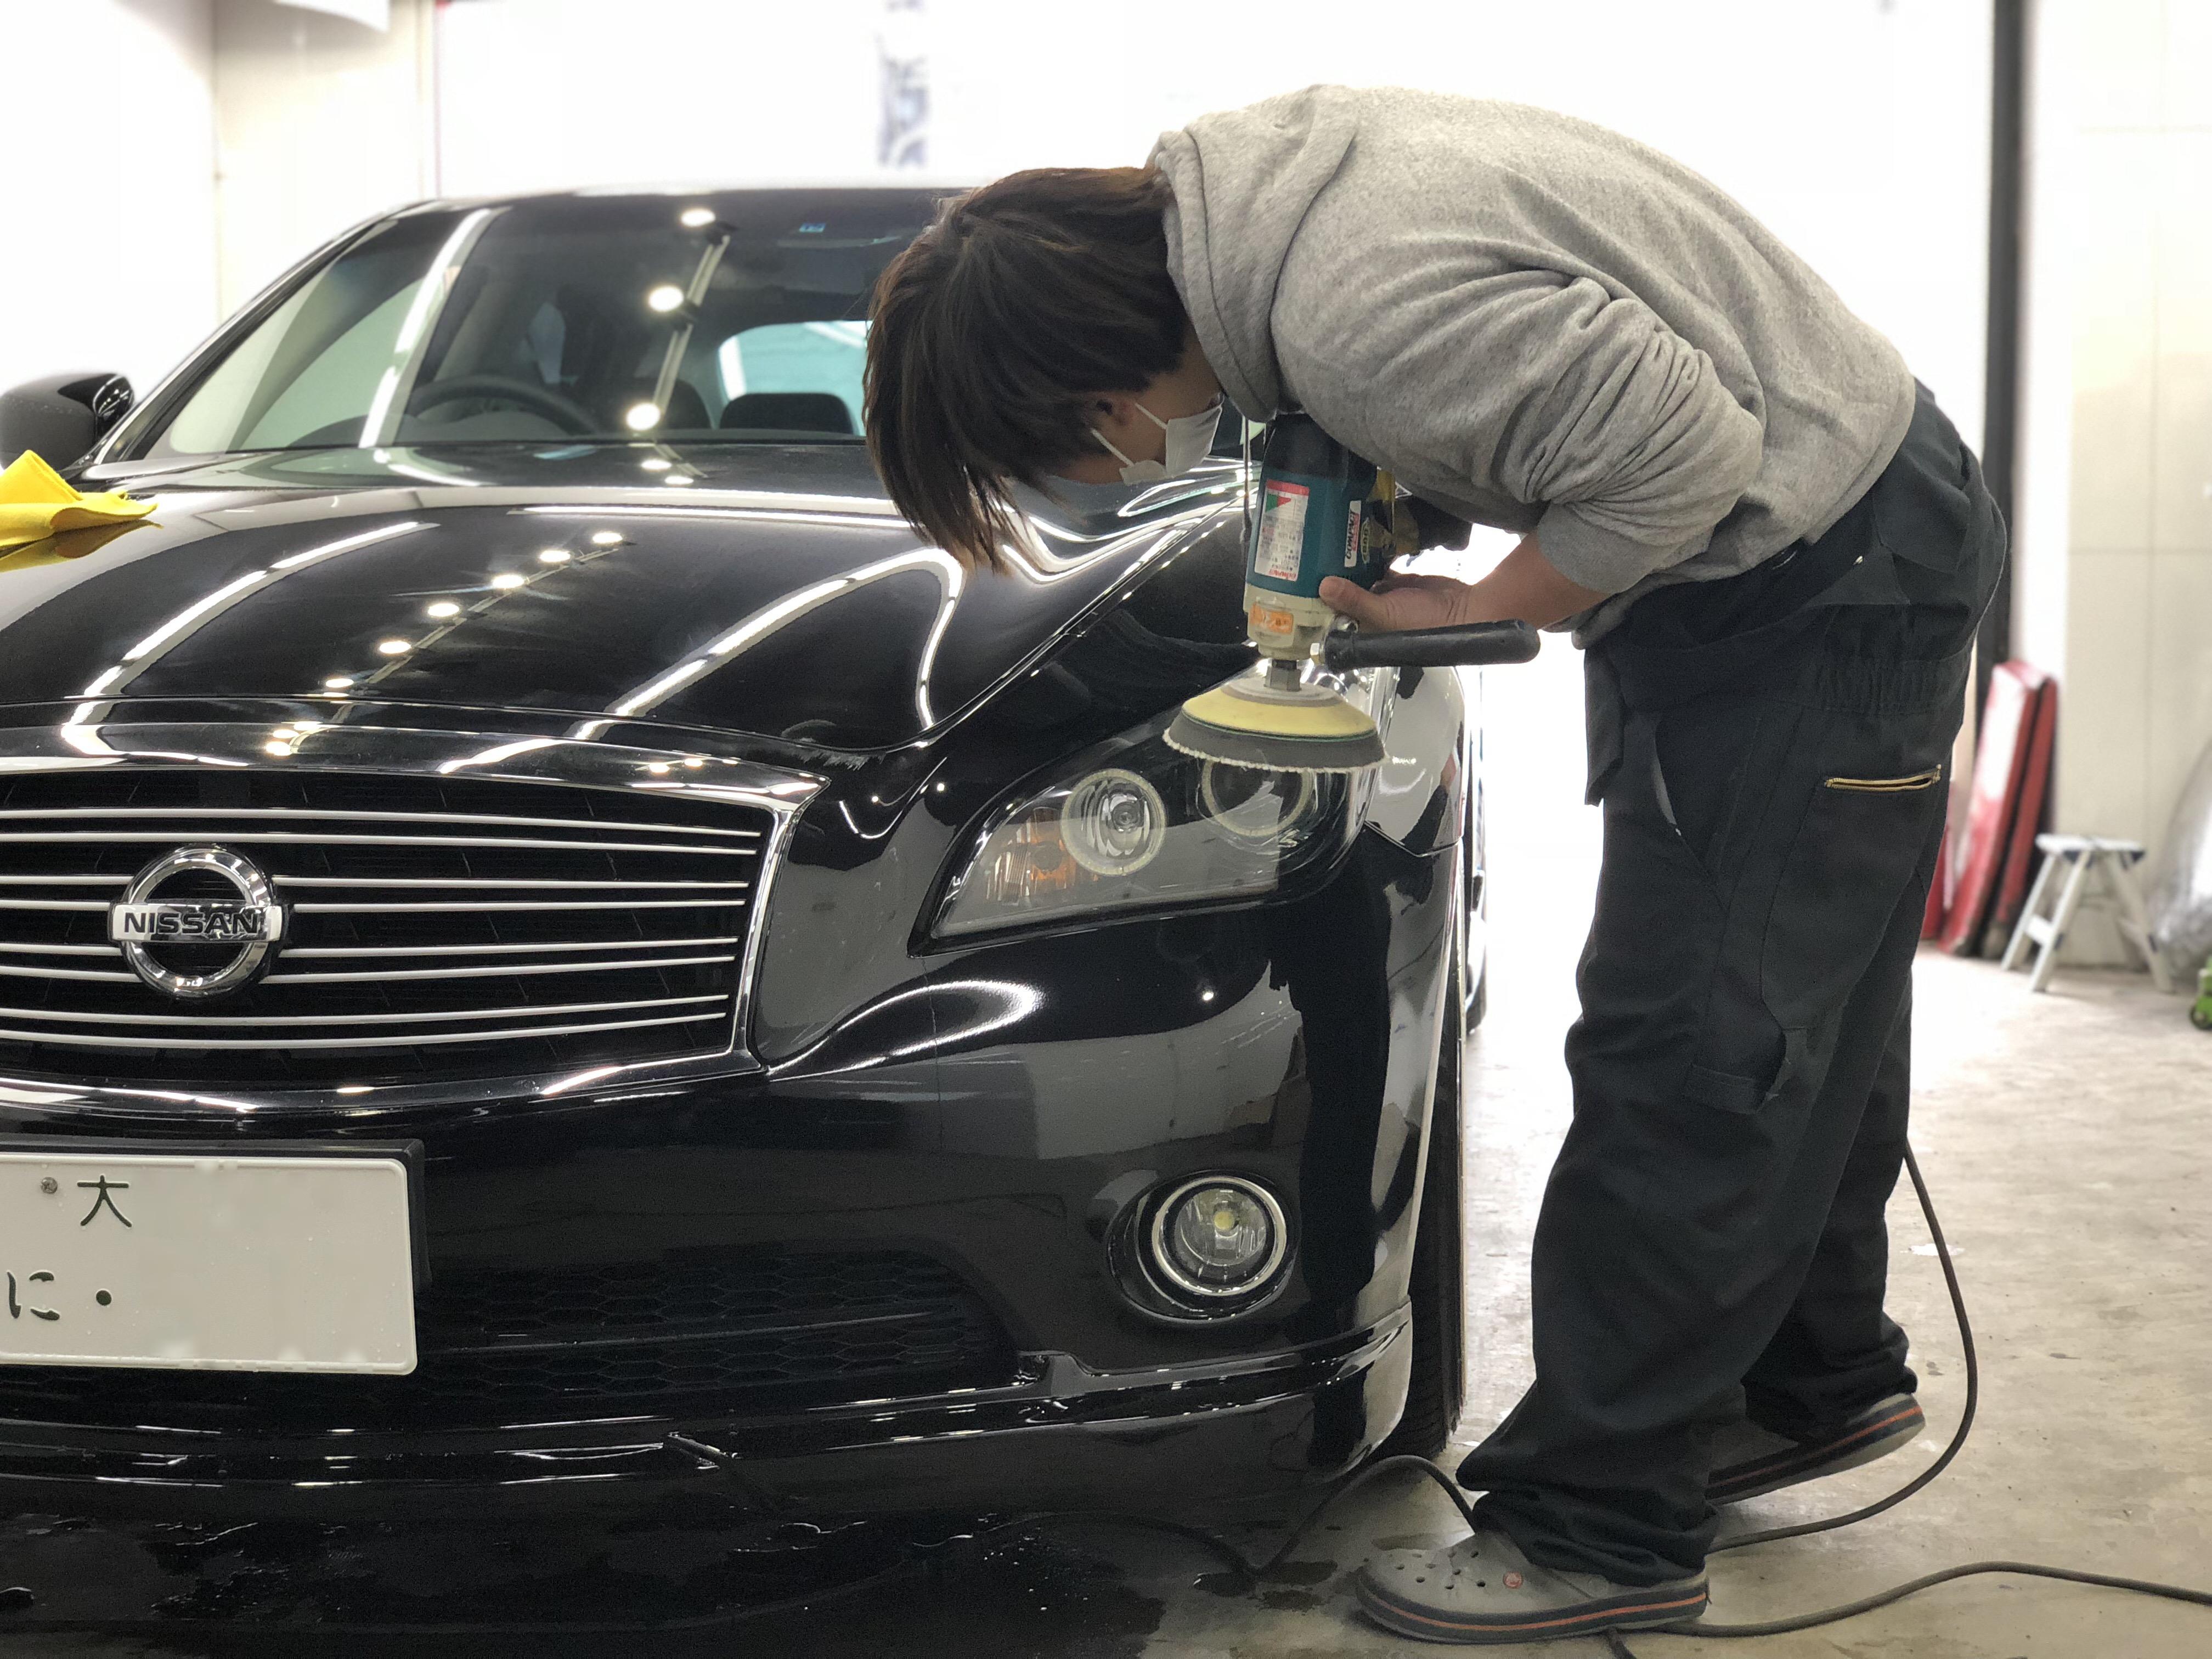 ★ガレージサクセス摂津本店 130マークX カスタム G's カスタムカー専門店★